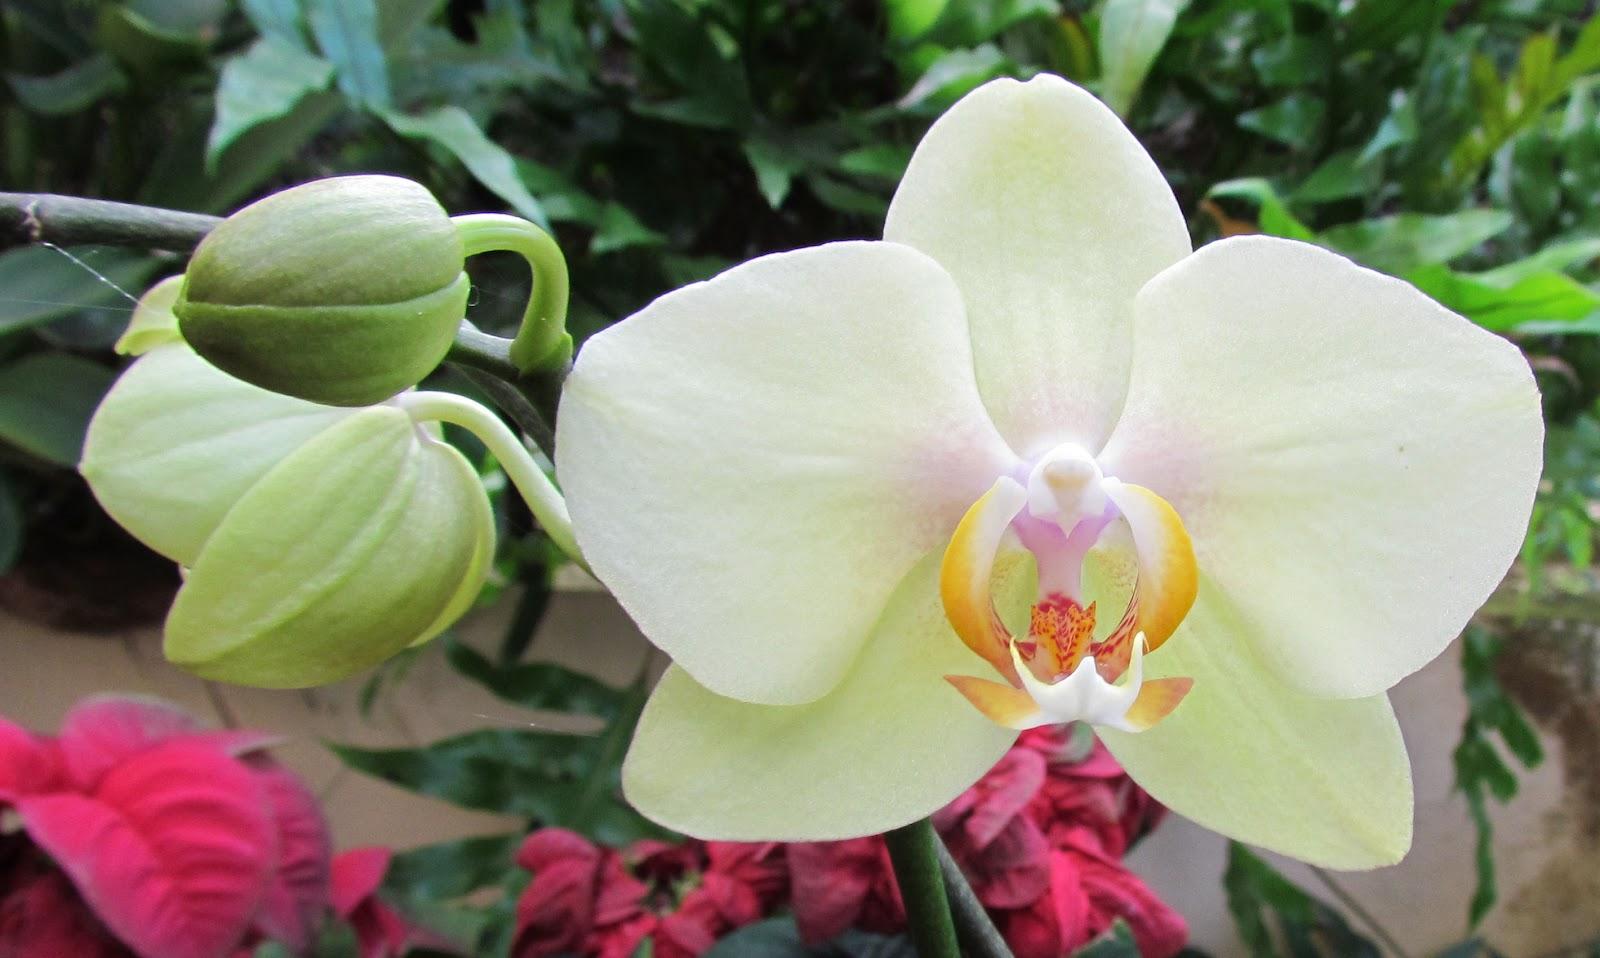 Fotos De Flores Tipicas De Puerto Rico - Dibujos para colorear Flores 110 imágenes Educima